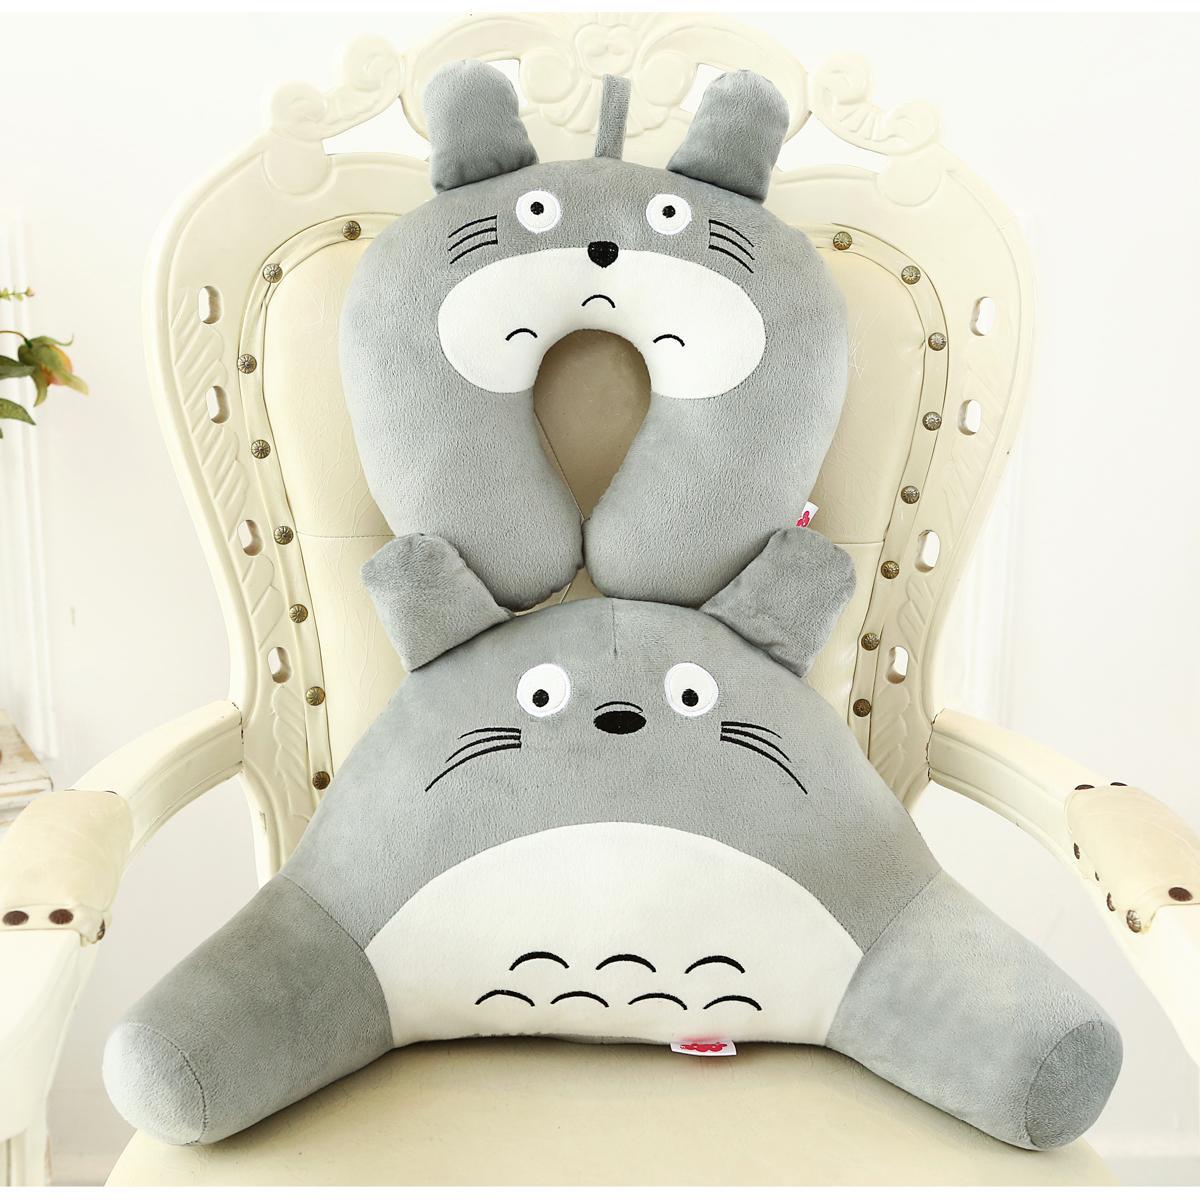 包邮龙猫卡通U型枕护颈枕旅行护脖子颈椎枕办公室午睡枕护腰靠枕